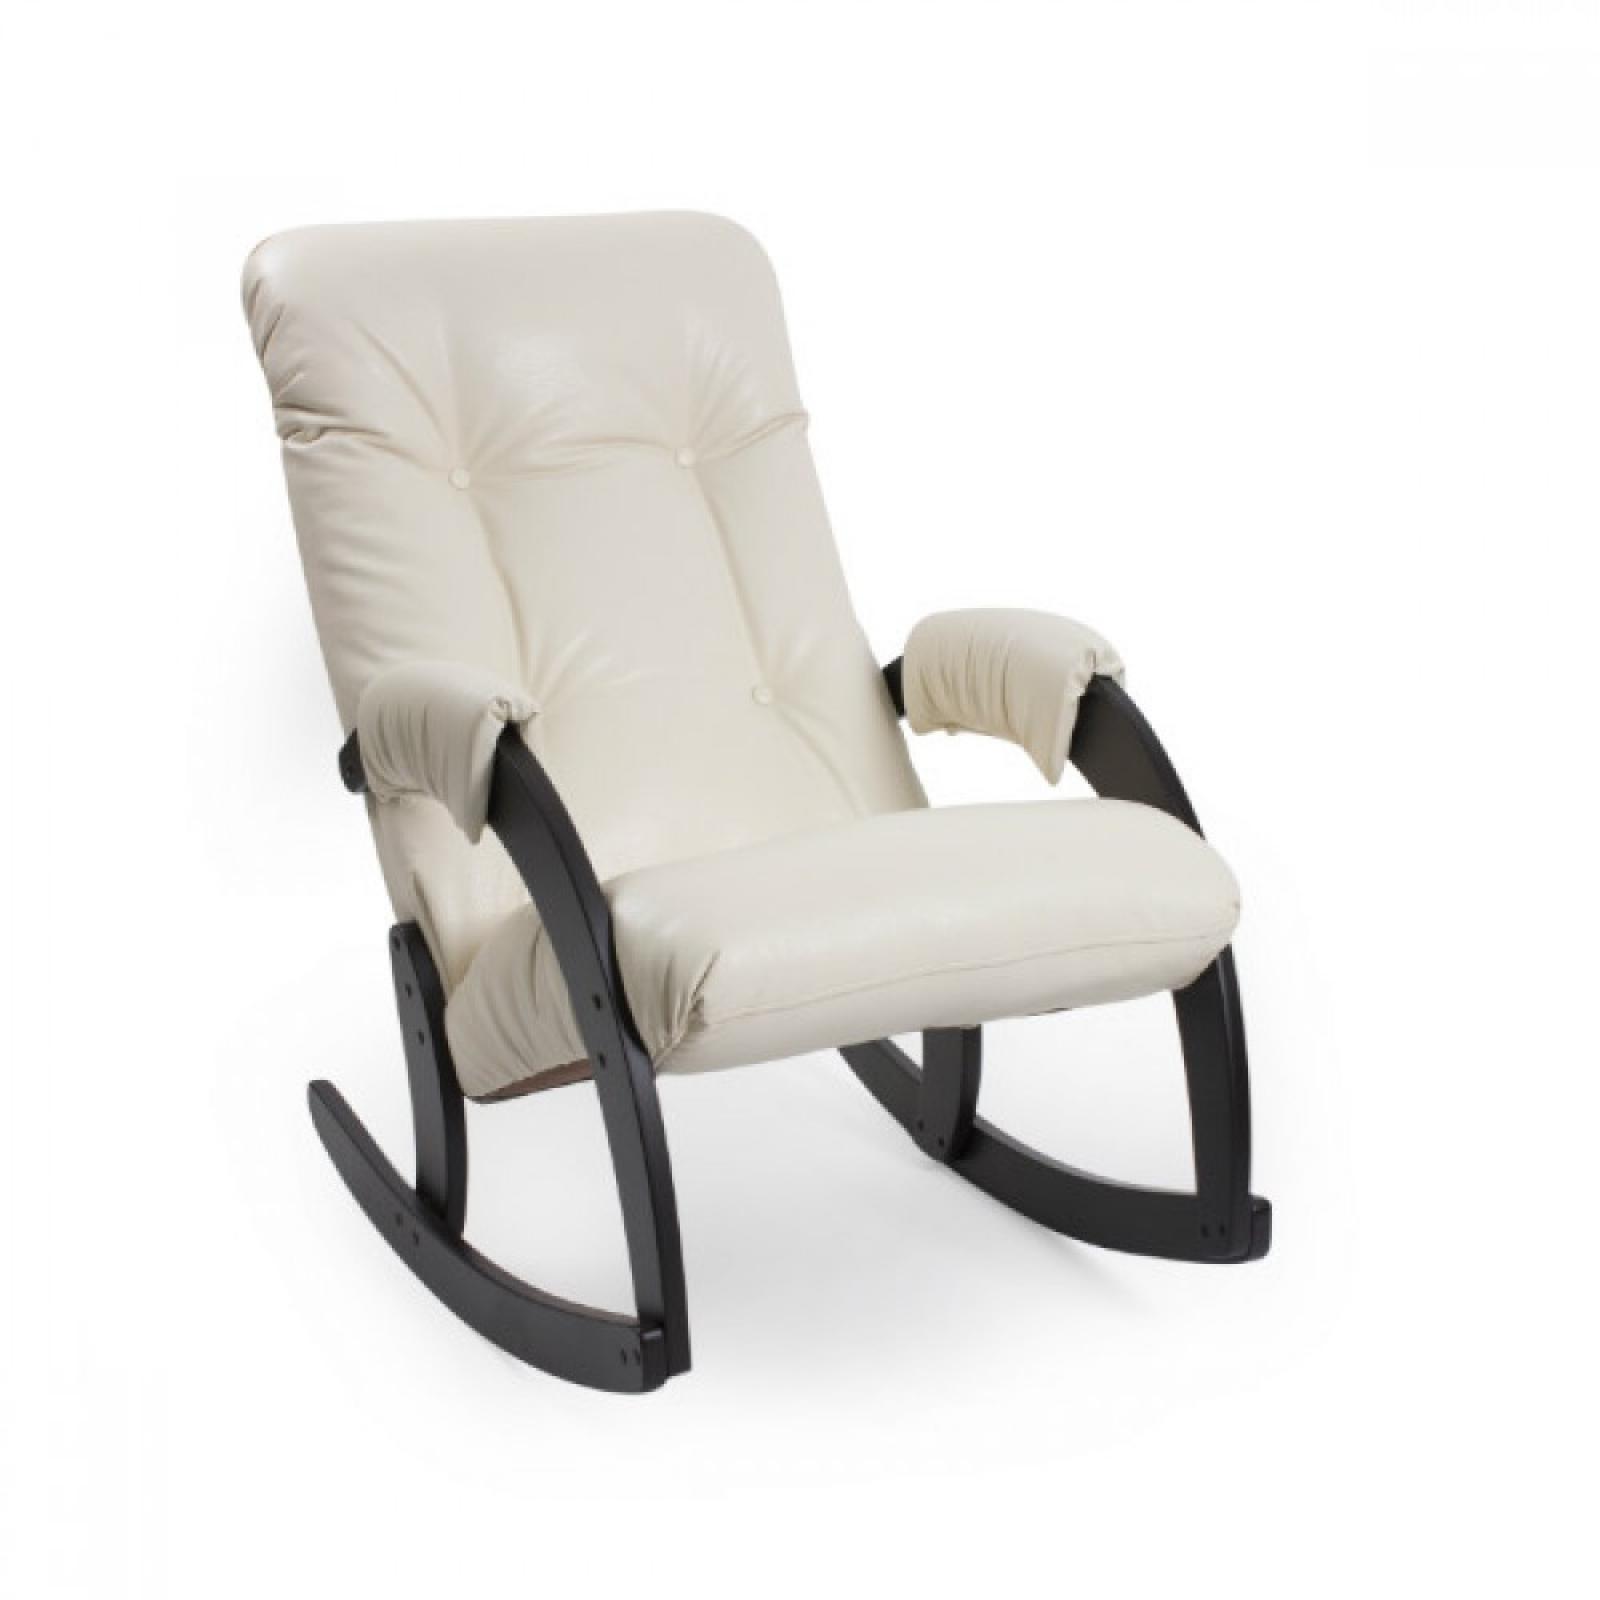 Кресло-качалка, Модель 67 Венге/Манго 002 - 1